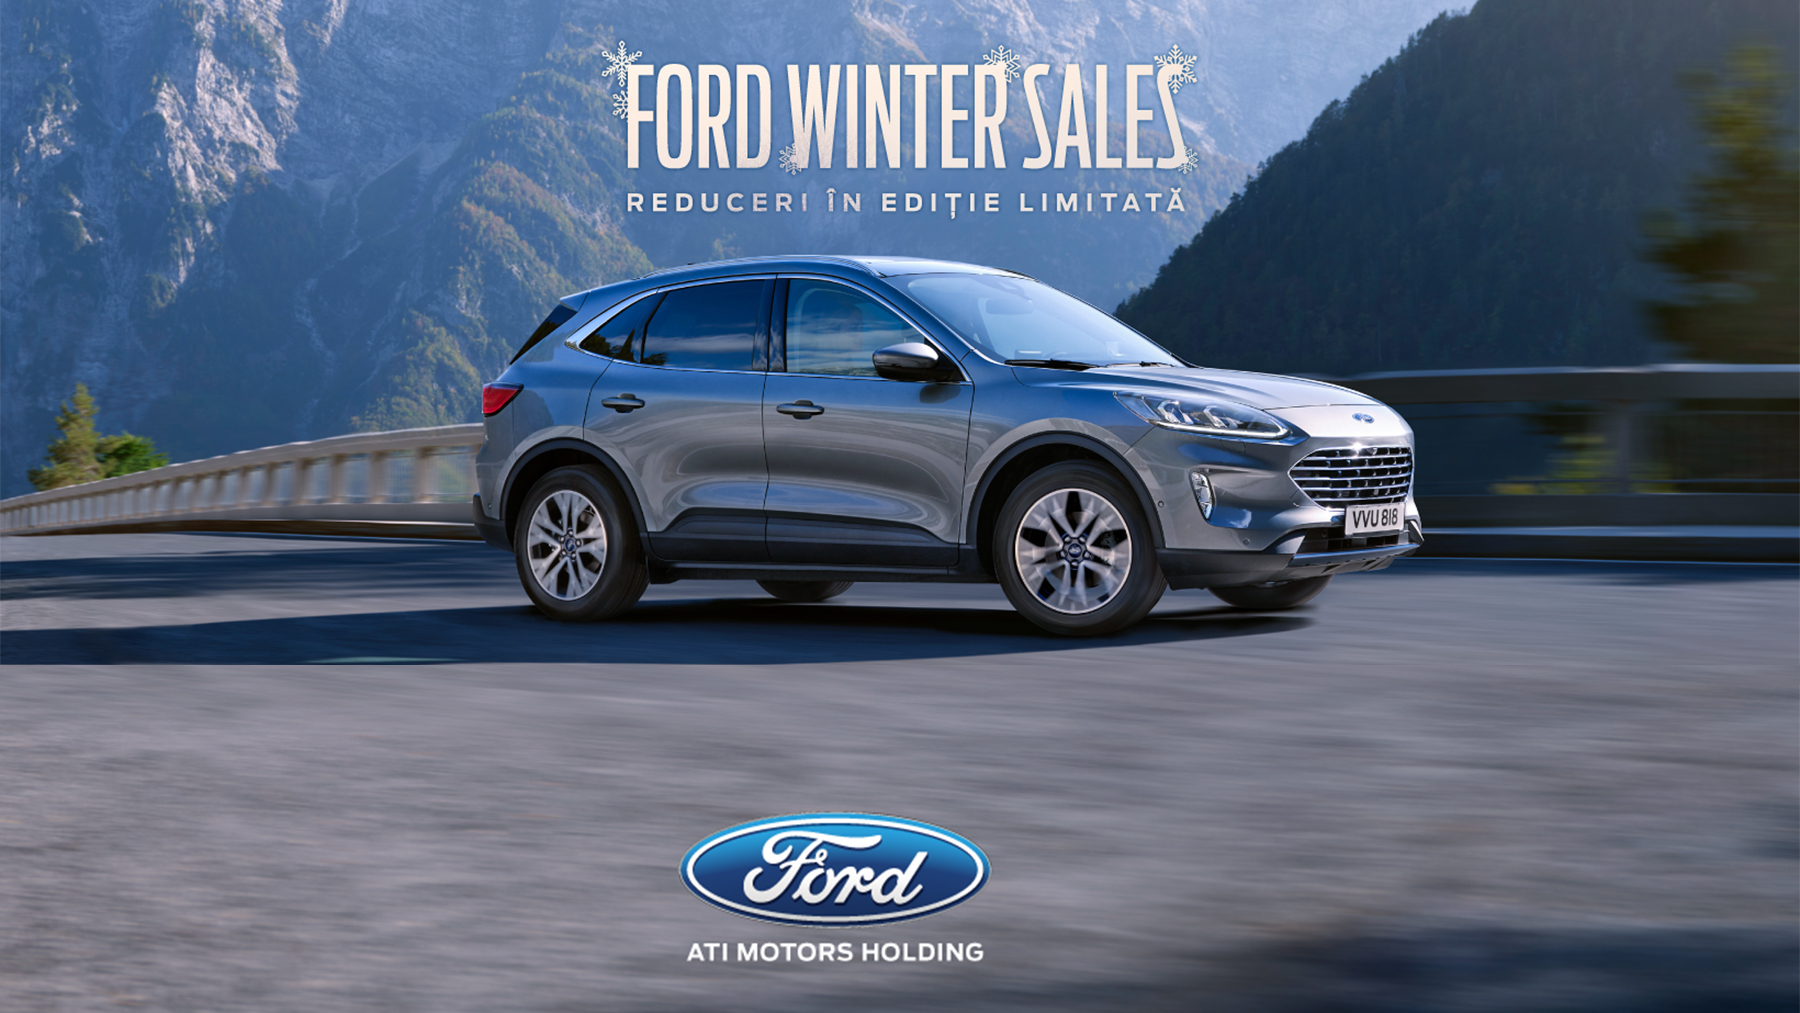 Ford Winter Sales - Reduceri în ediție limitată!